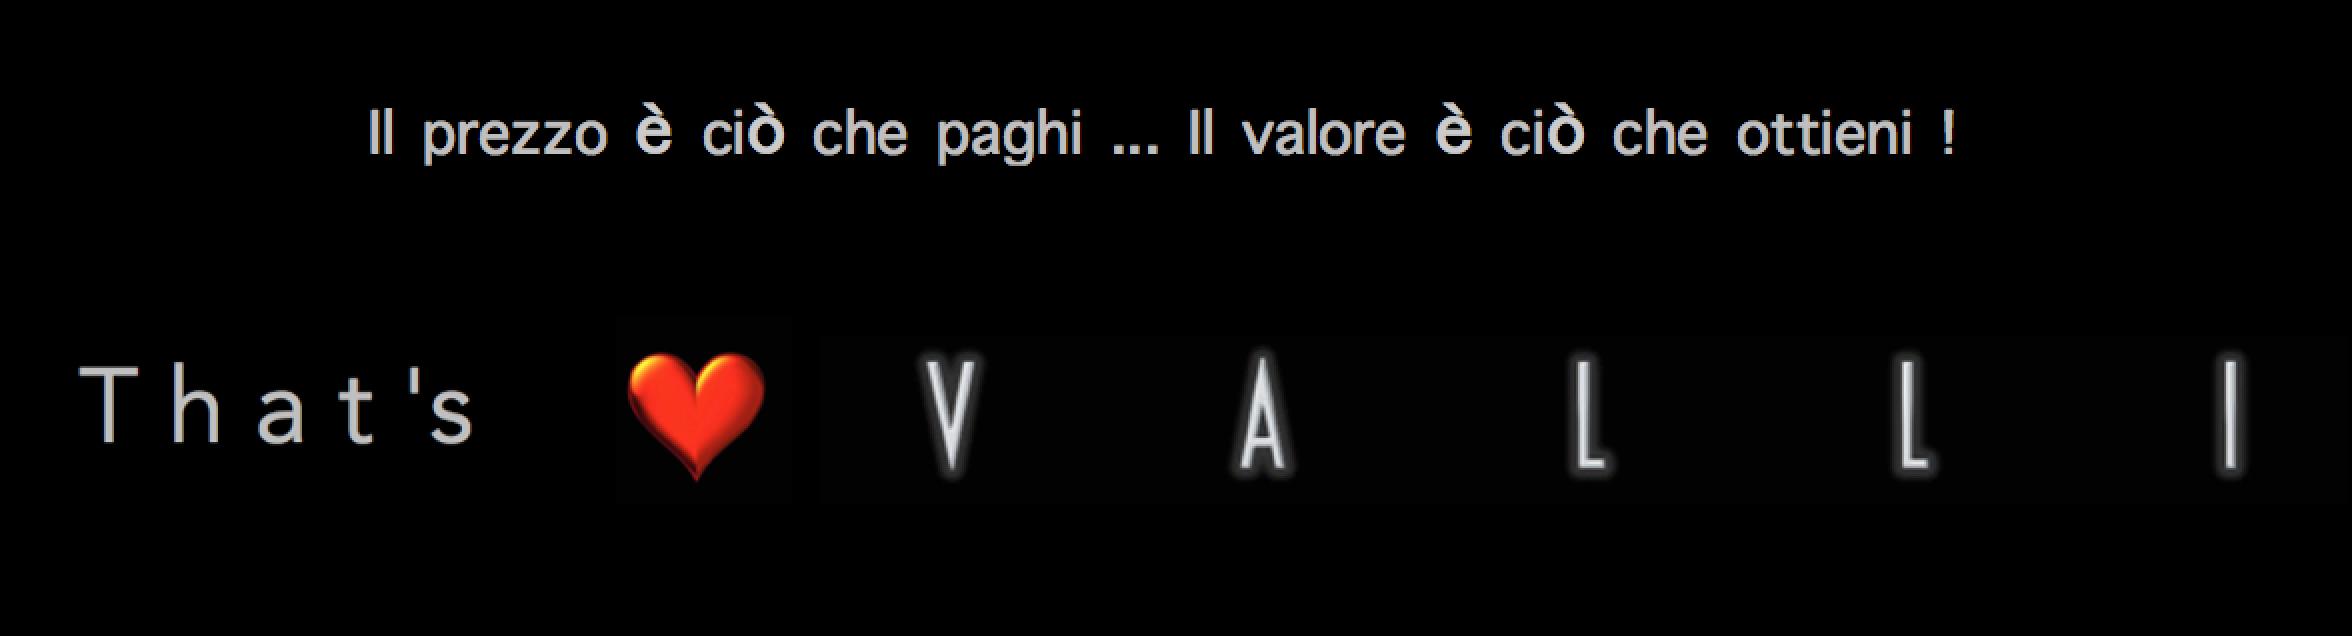 #vallistore #maurovalli